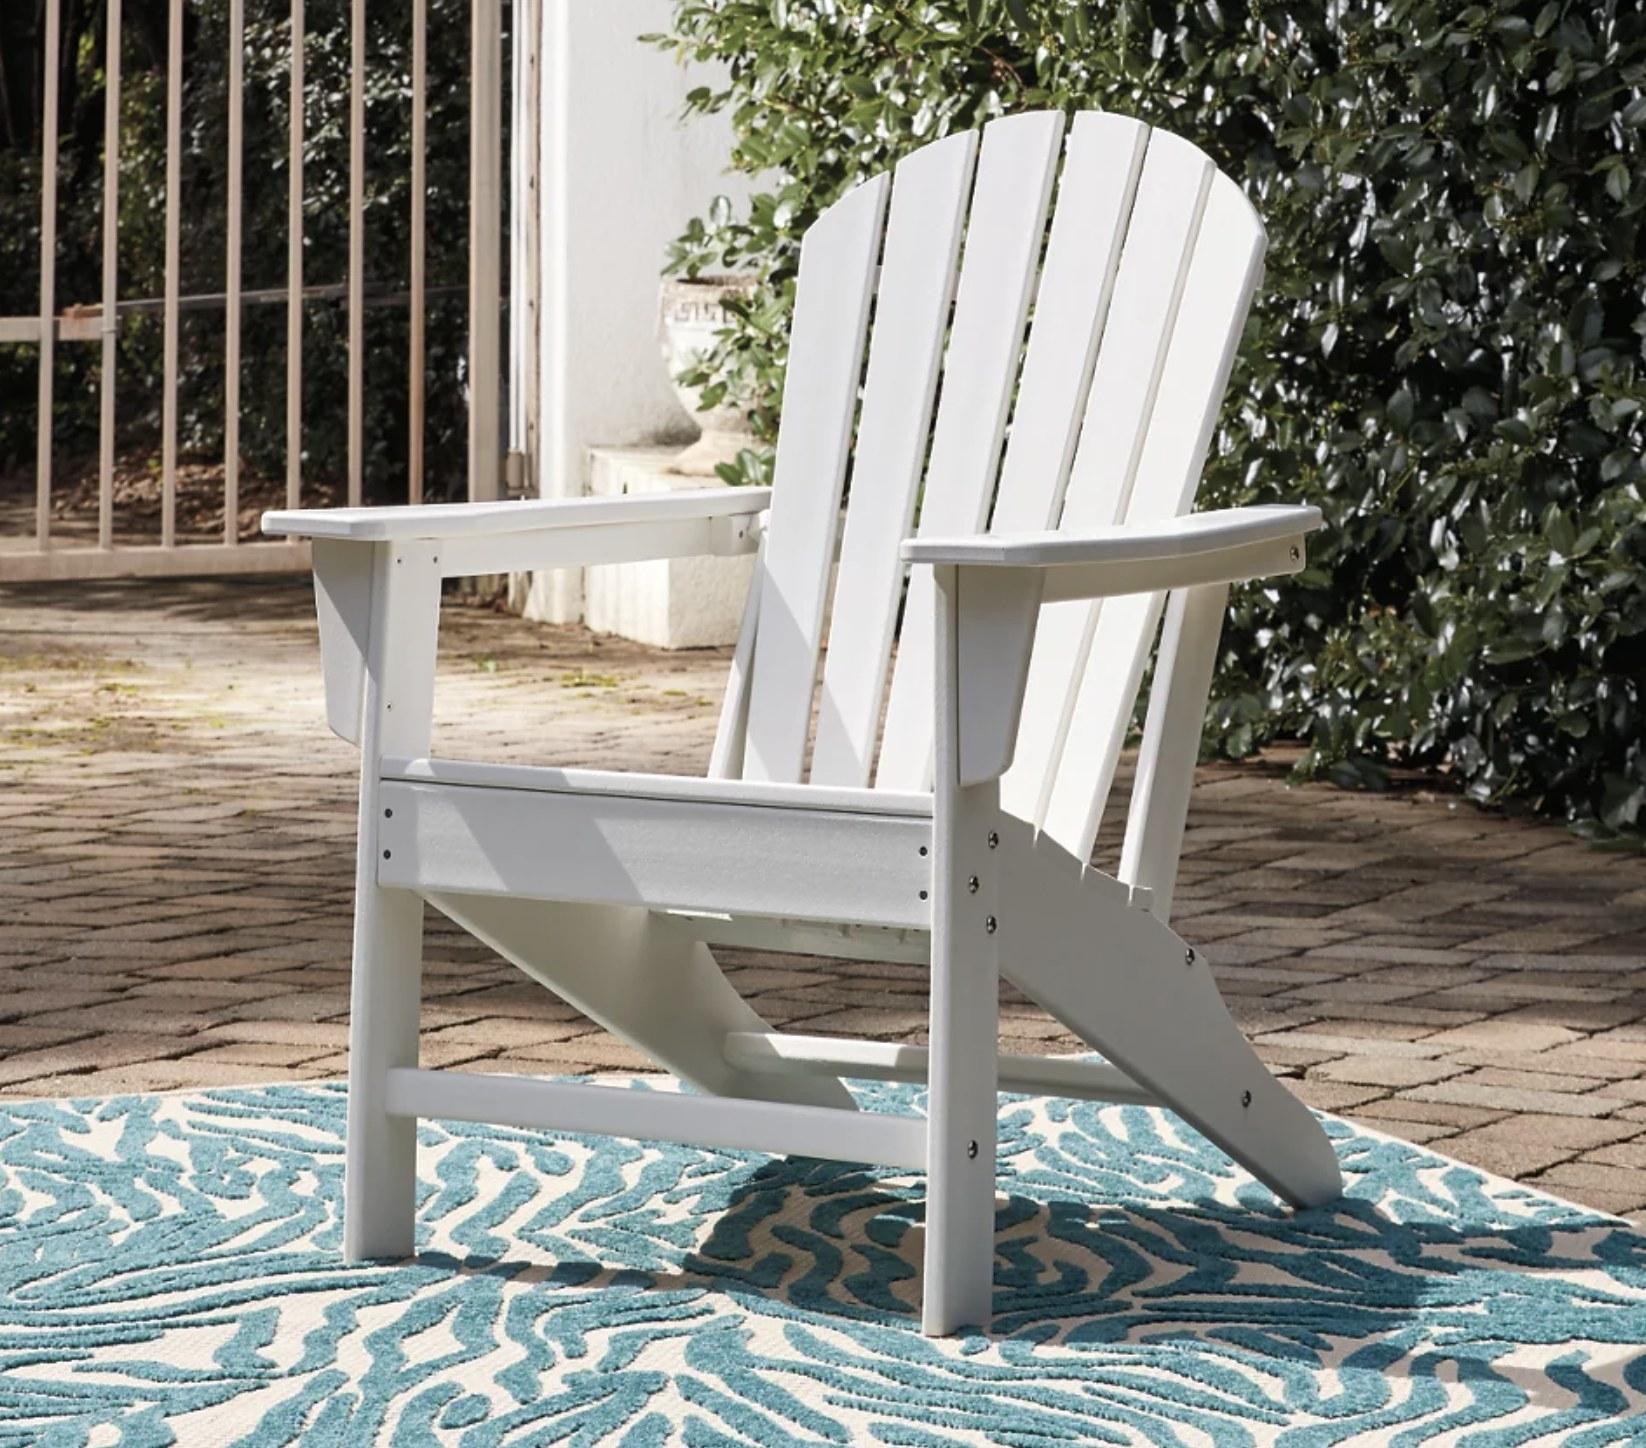 A white Adirondack chair